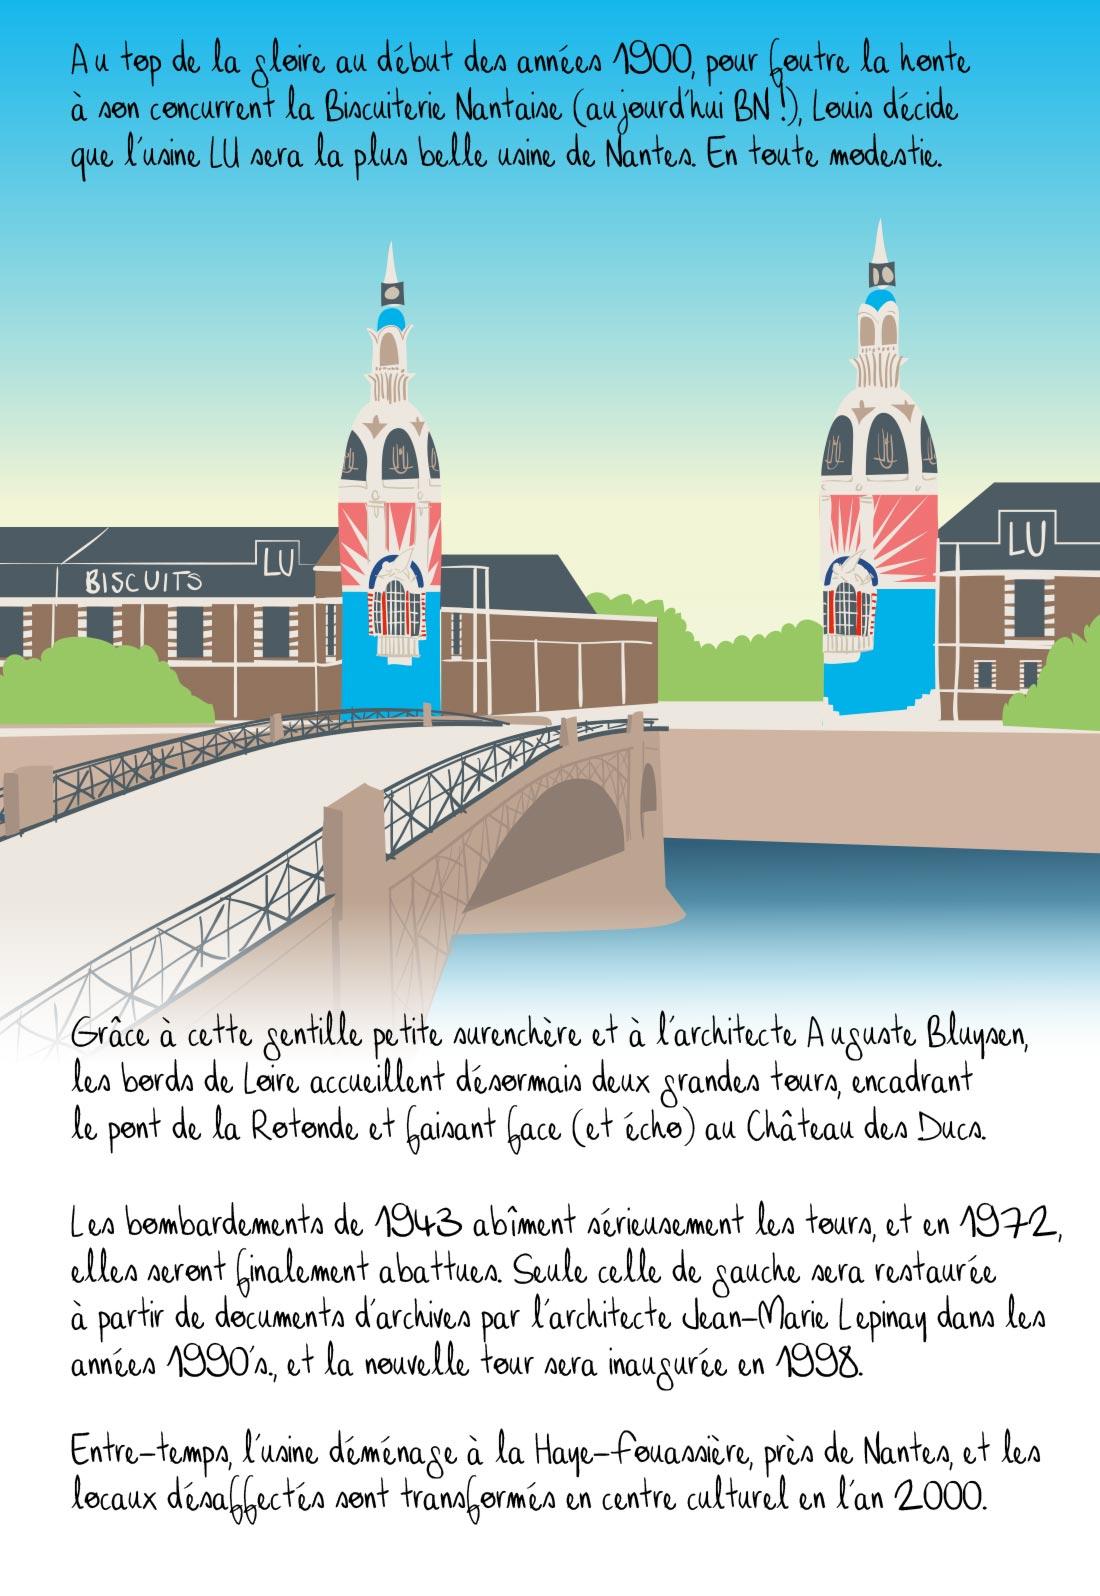 Histoire de la tour LU, Nantes, partie 3